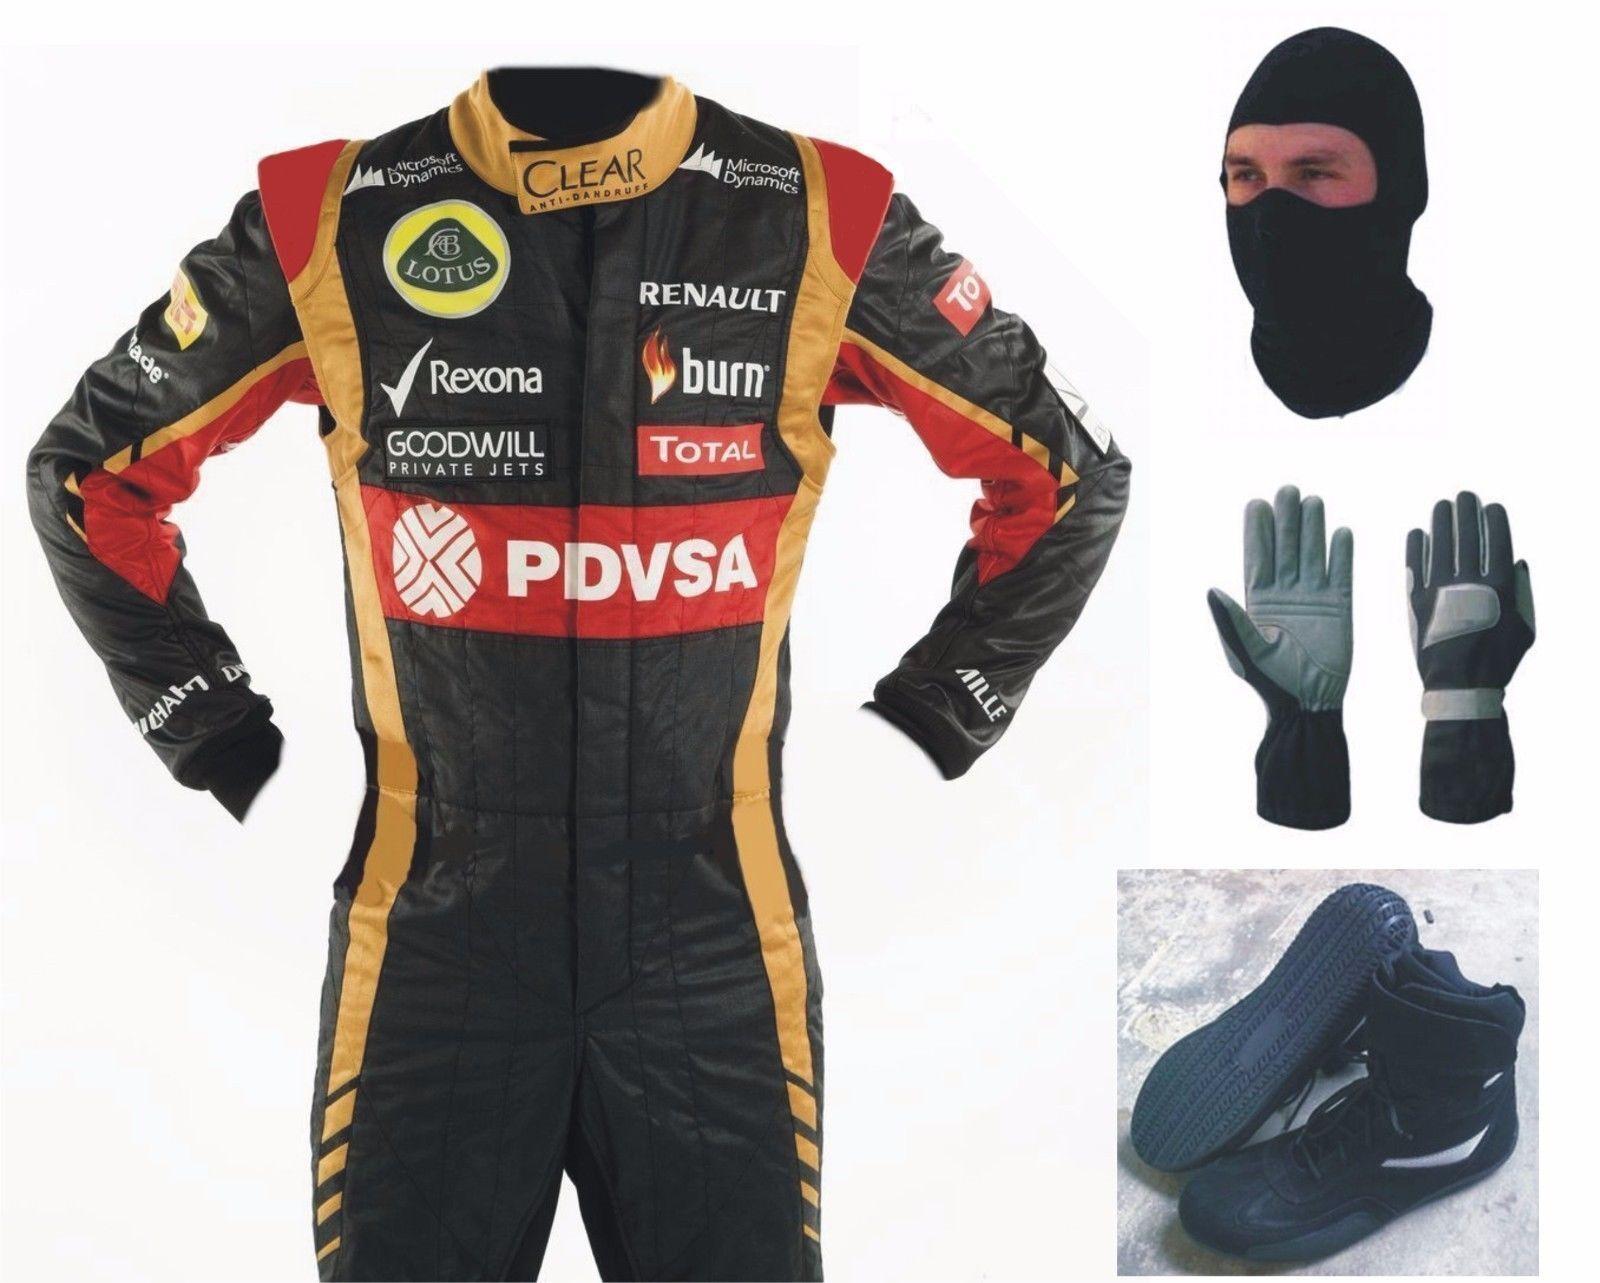 Lotus Go-Kart Race  Suit CIK FIA Level 2  big discount